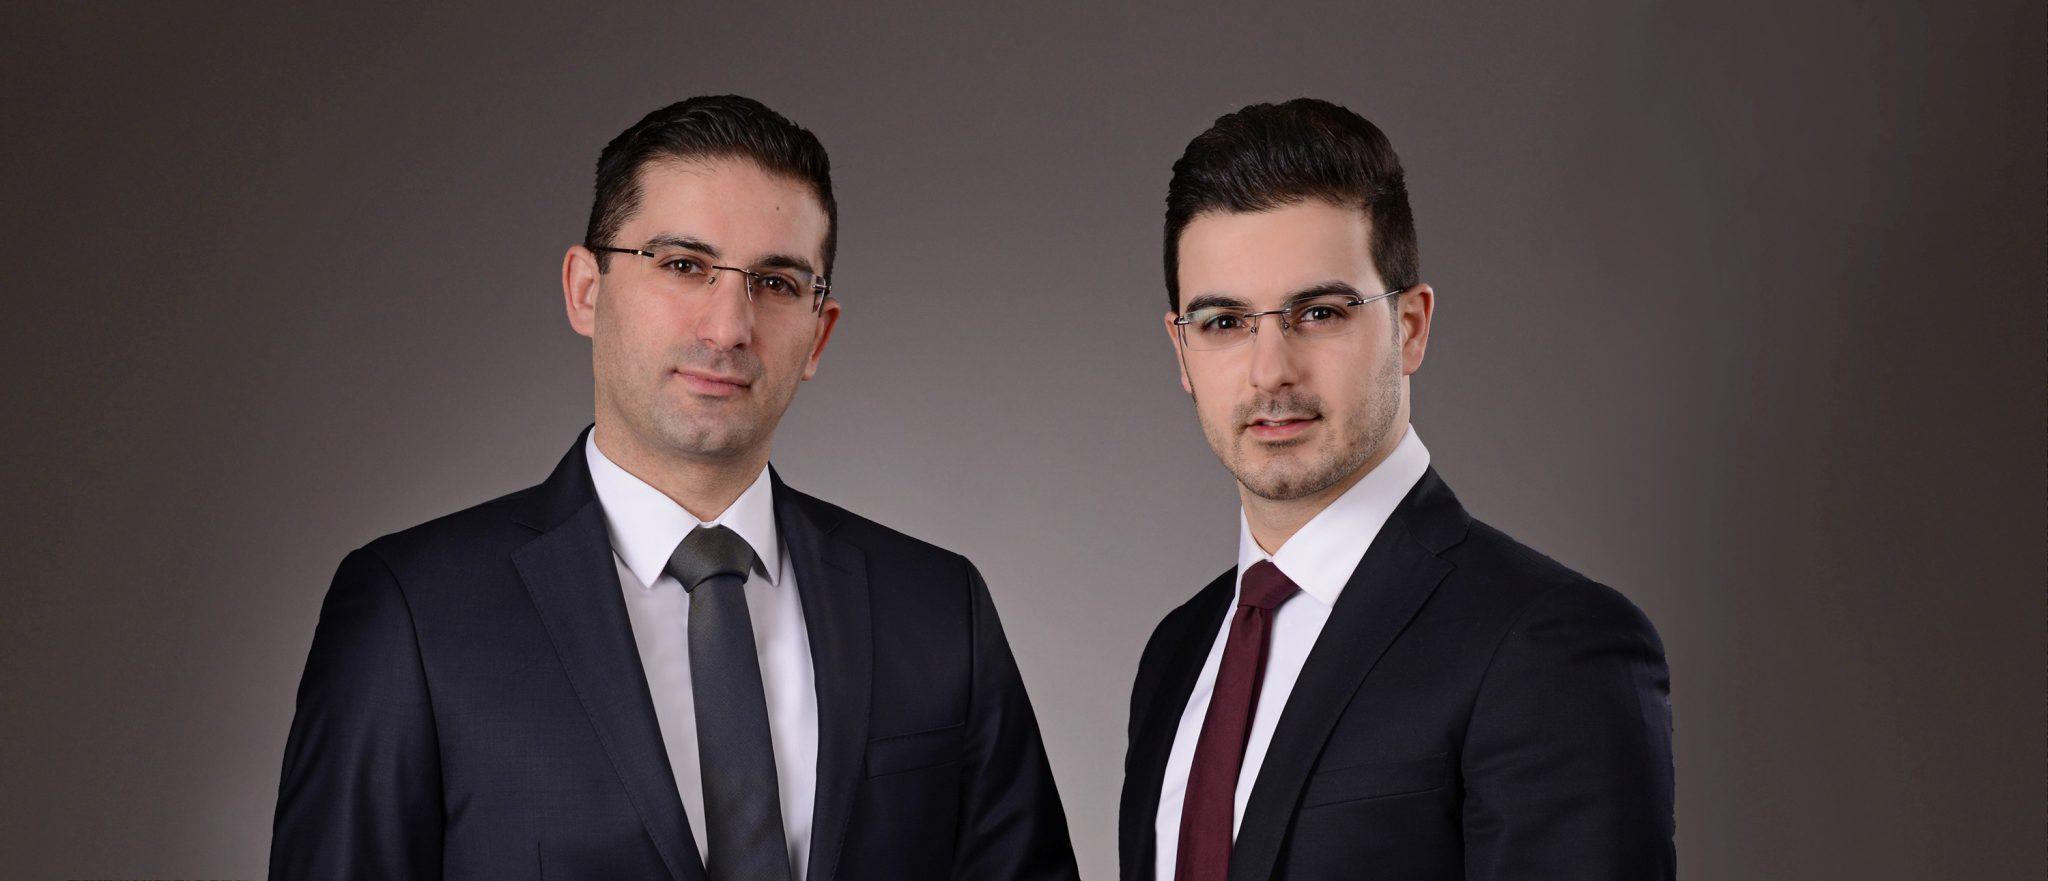 Steuerberater-Rechtsanwalt-Herrenberg-Avukat-mali-müsavir-türk-Böblingen-Tübingen-Stuttgart-Reutlingen-Sindelfingen-Akif-Öksüz-Turgut-Gärtringen-1